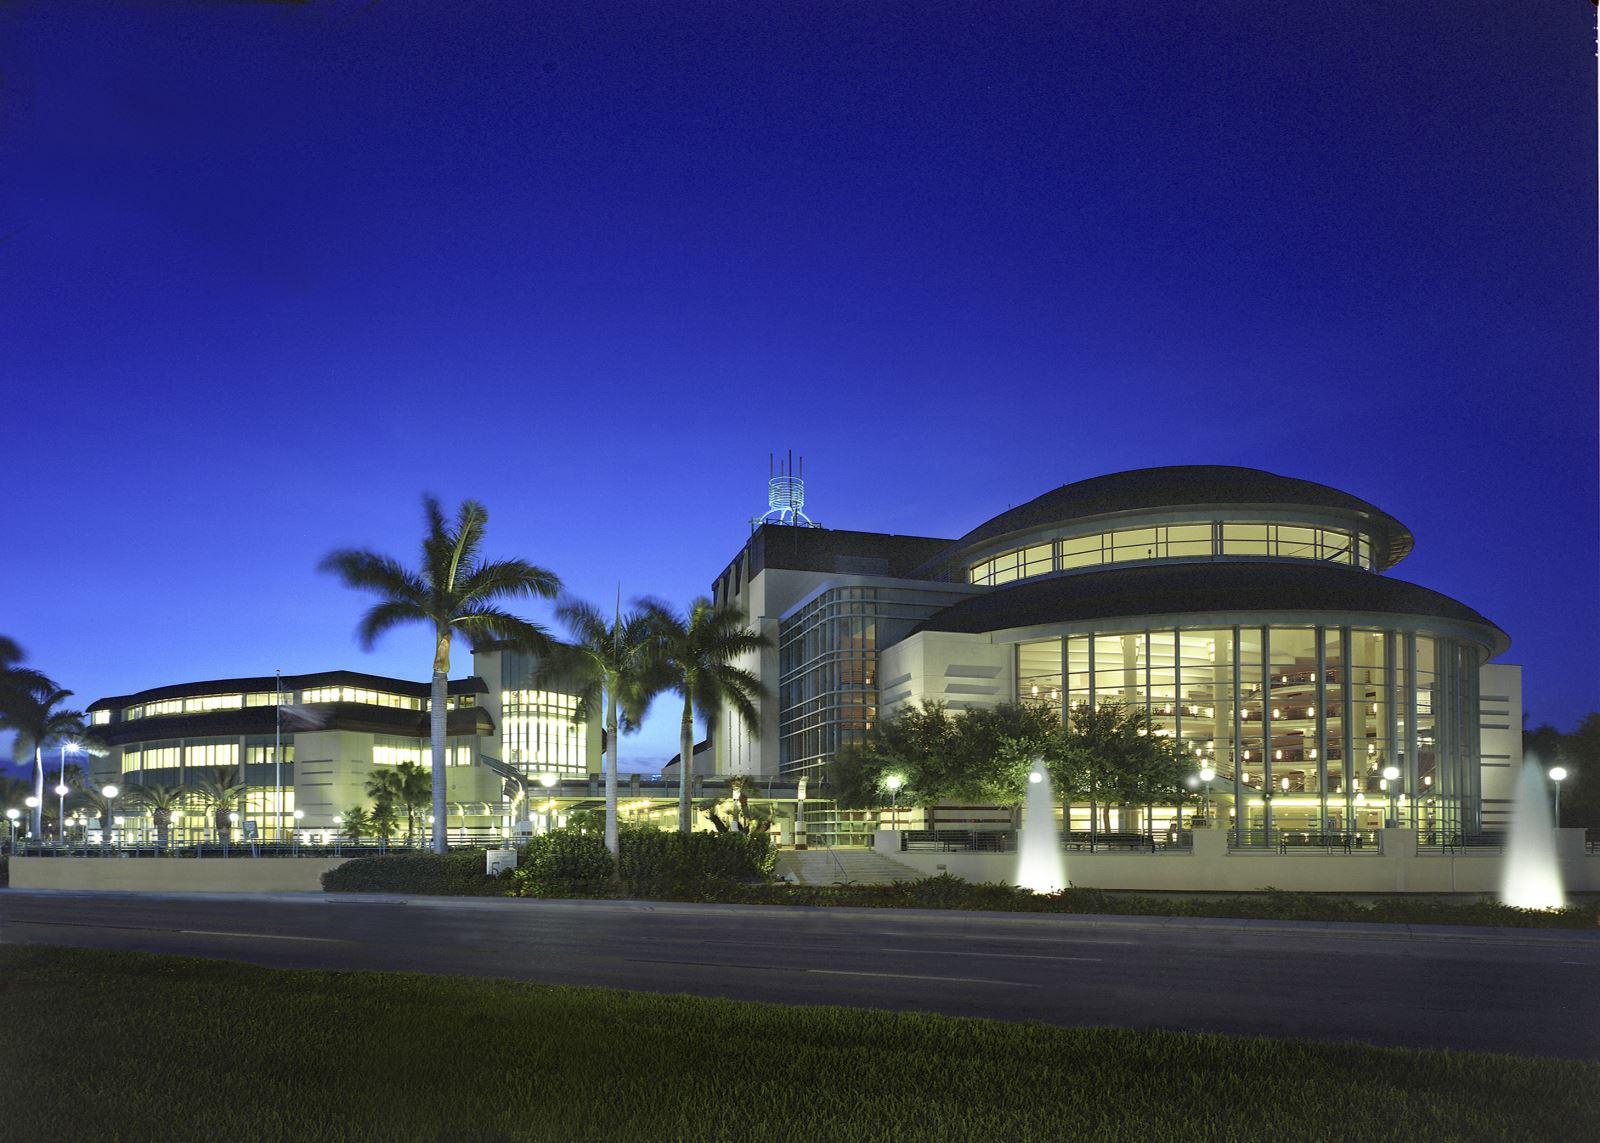 West Palm Beach Health Wellness Center